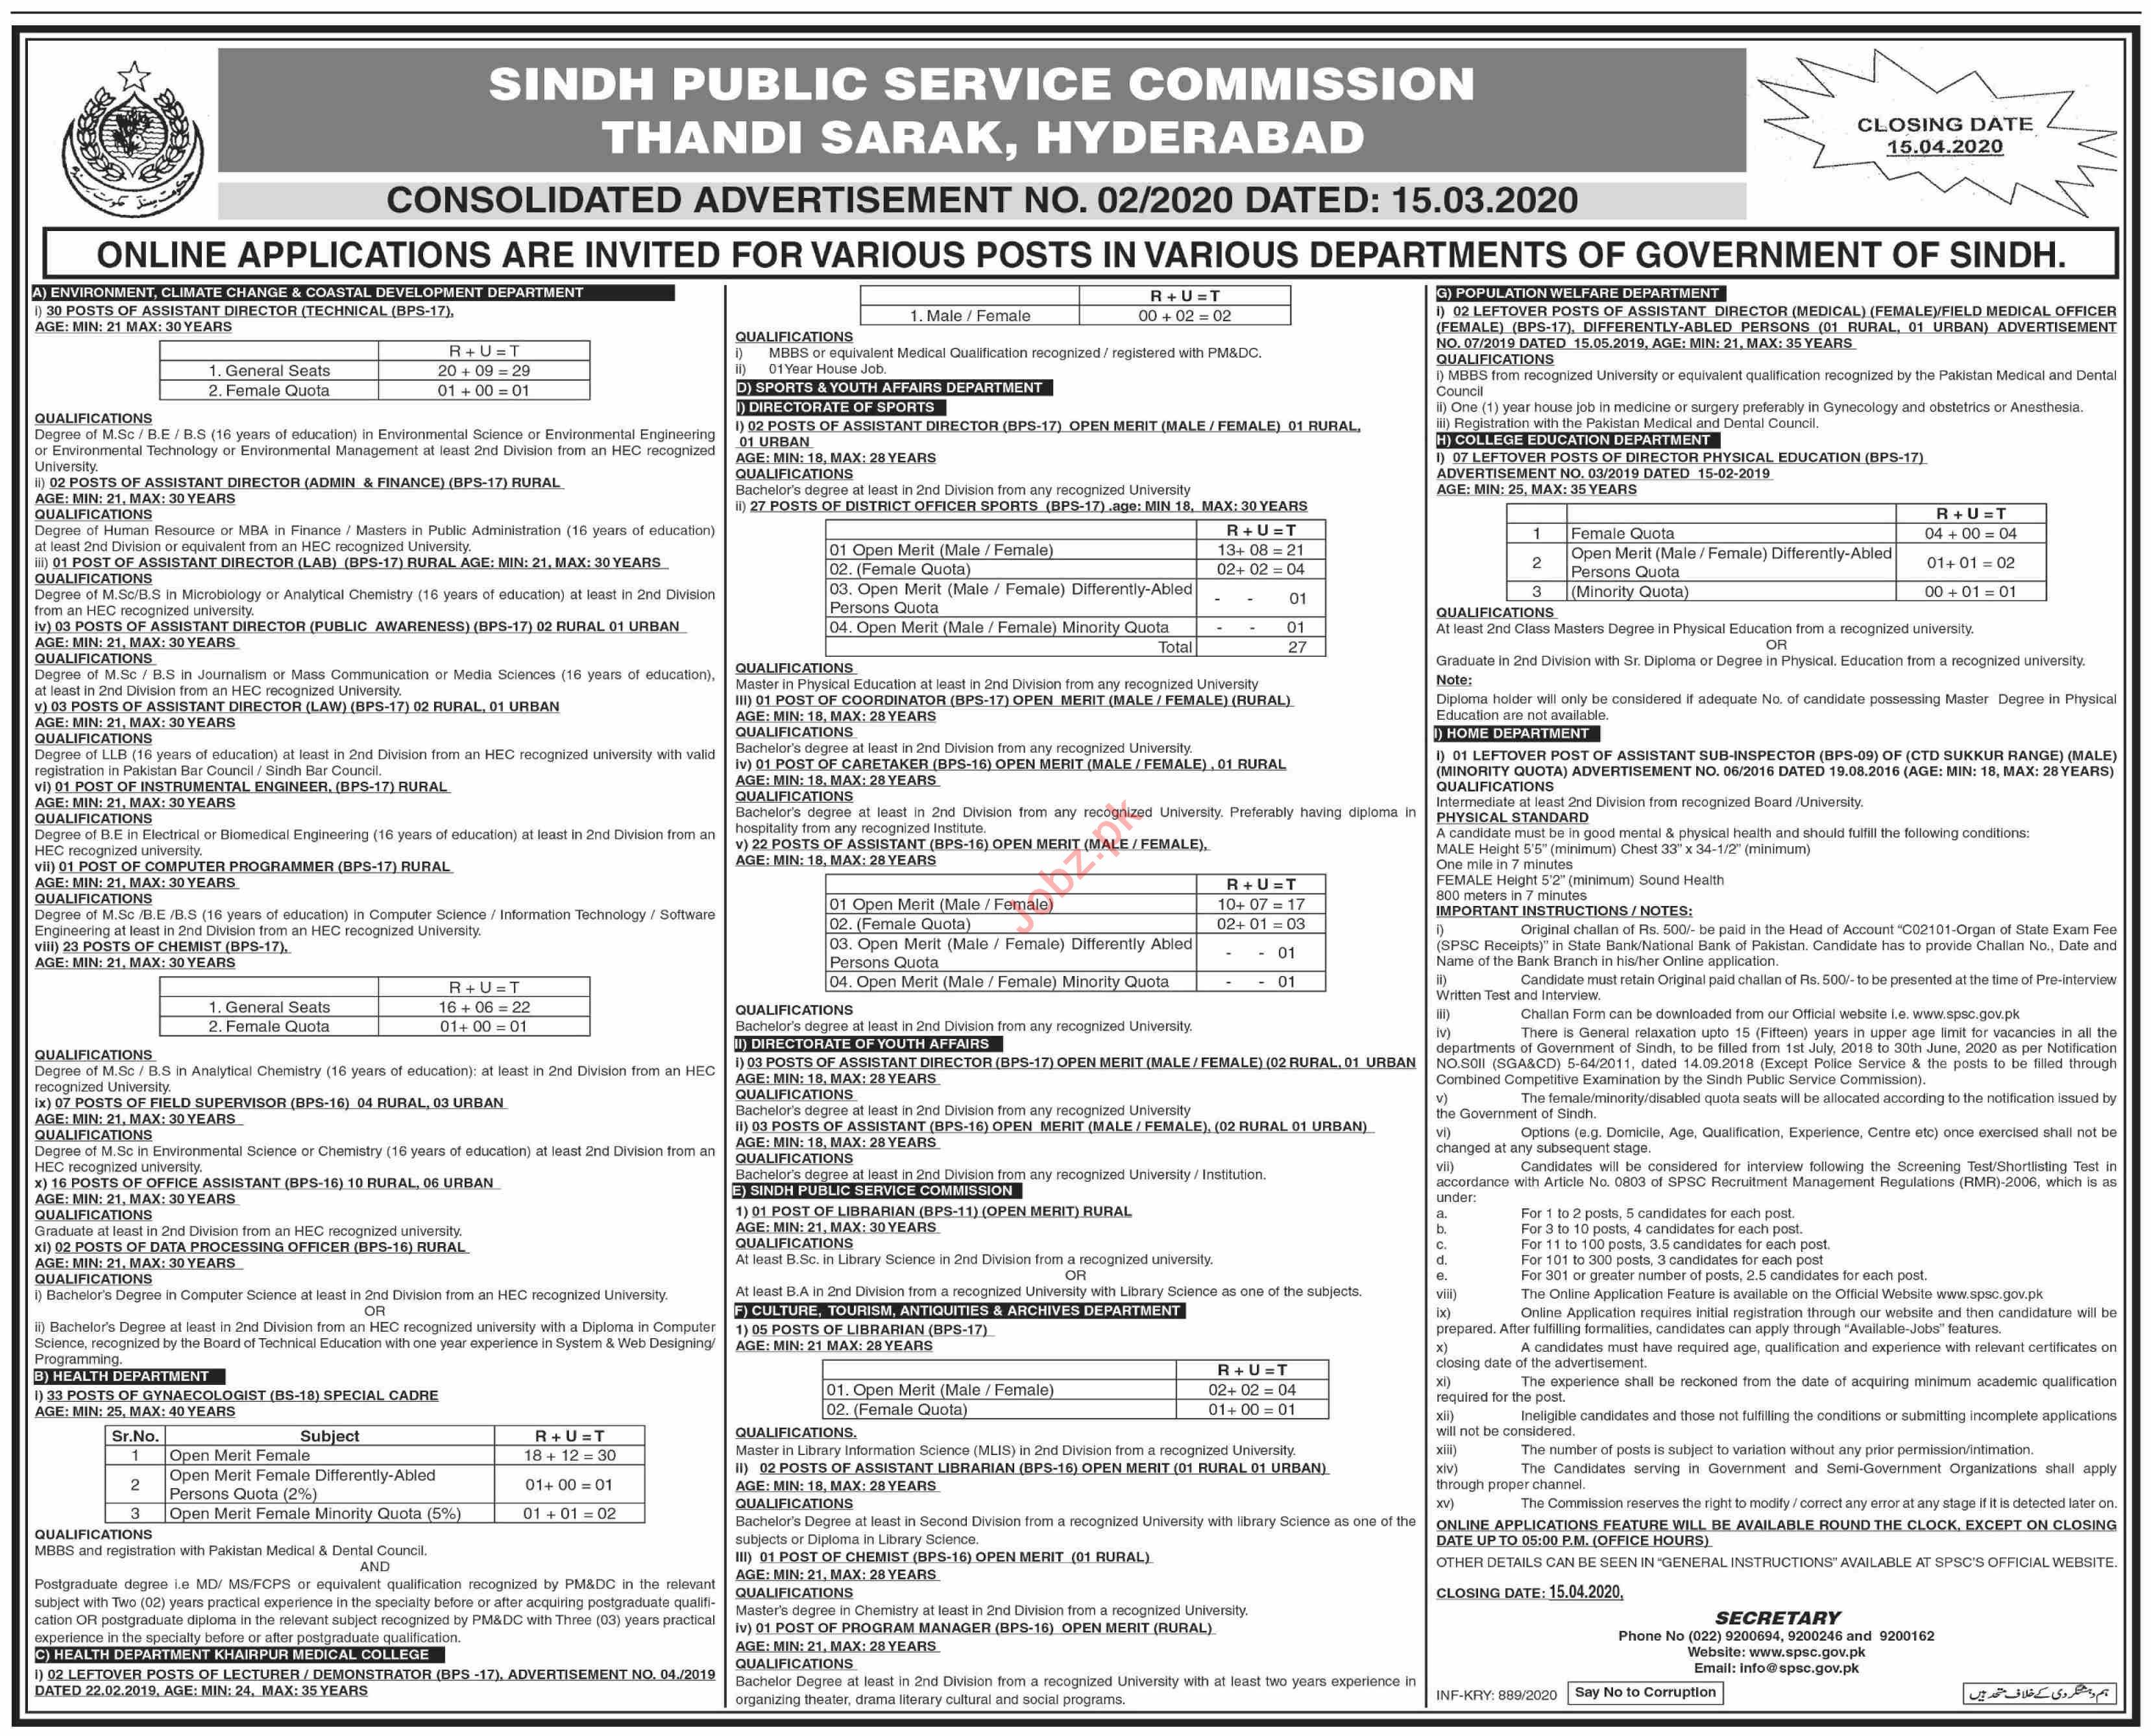 Sindh Public Service Commission SPSC 2020